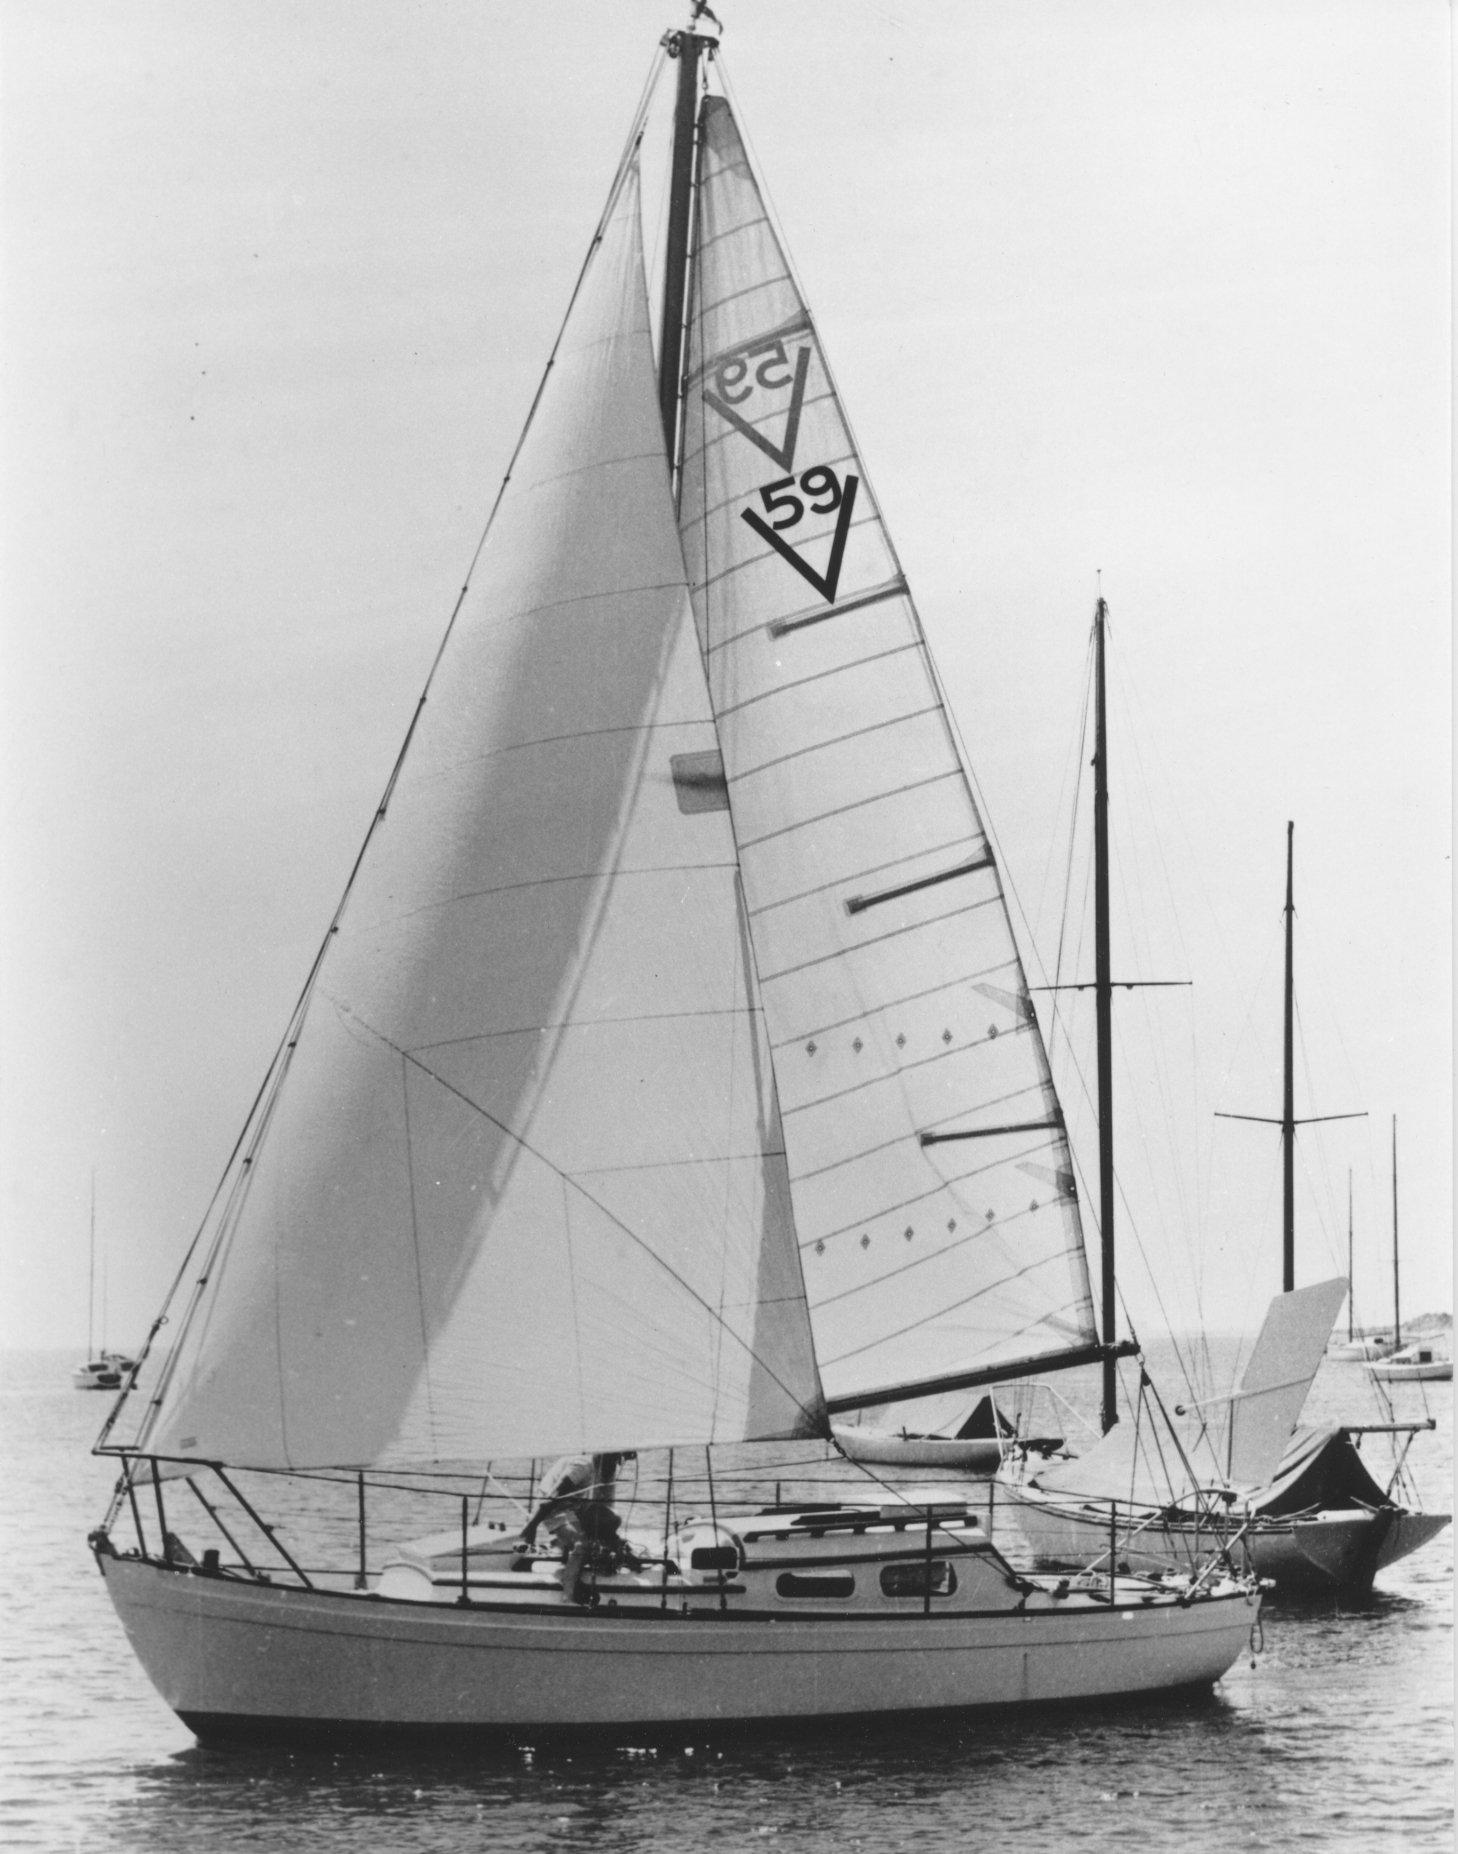 V 59 Austral Vertue (Lost)